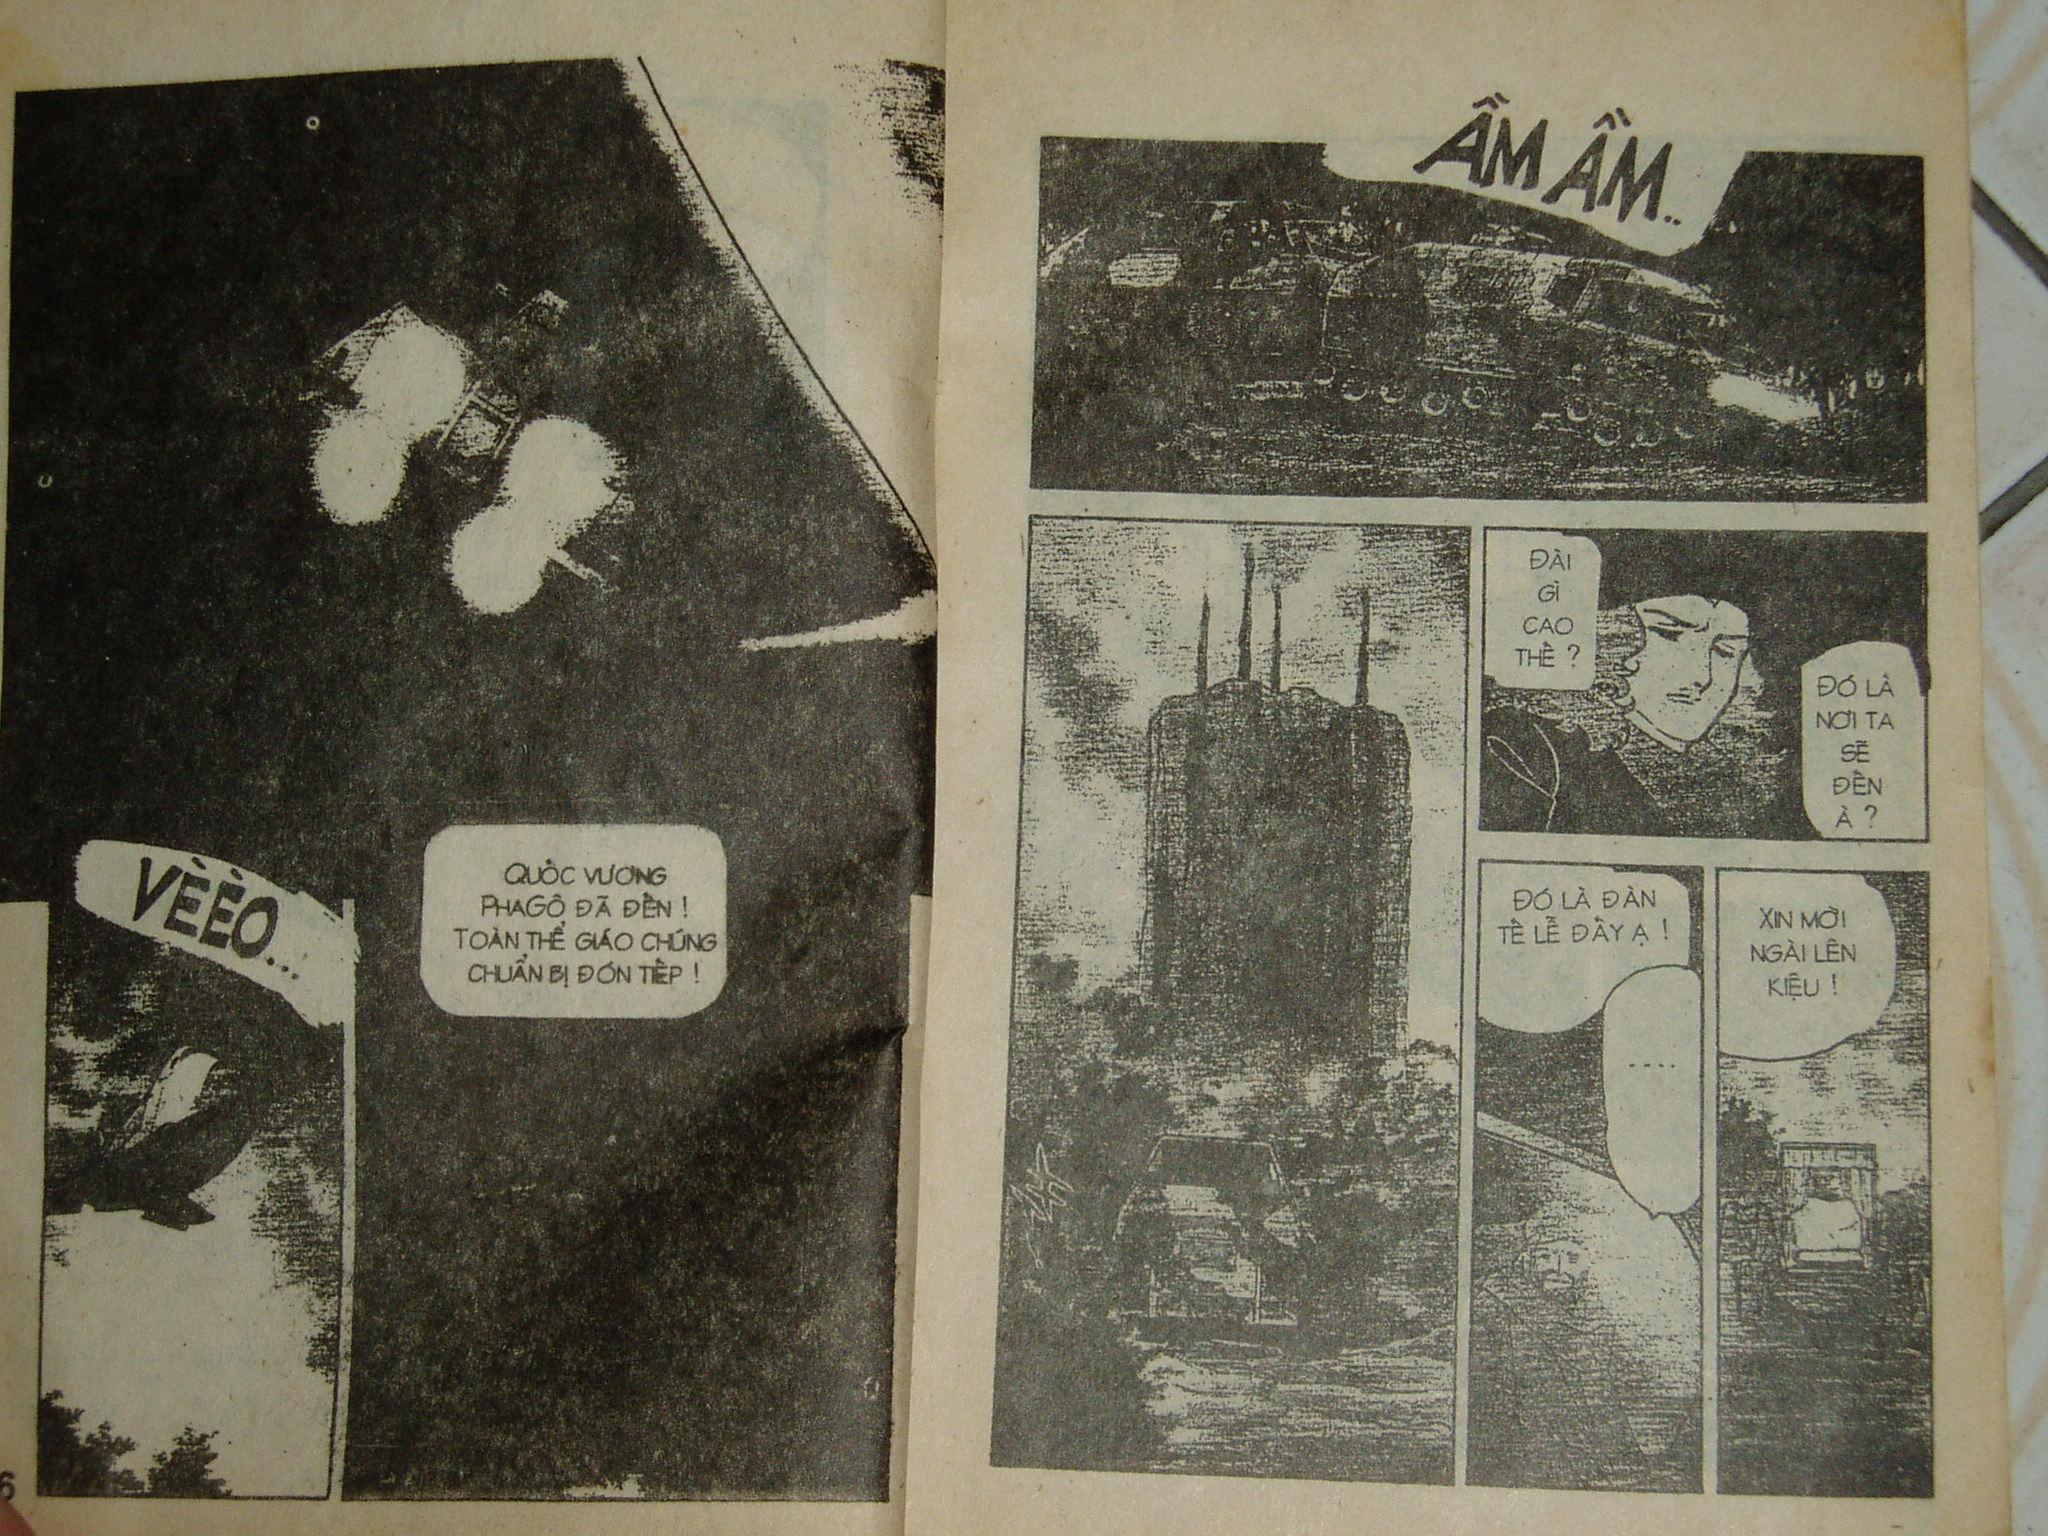 Siêu nhân Locke vol 17 trang 2